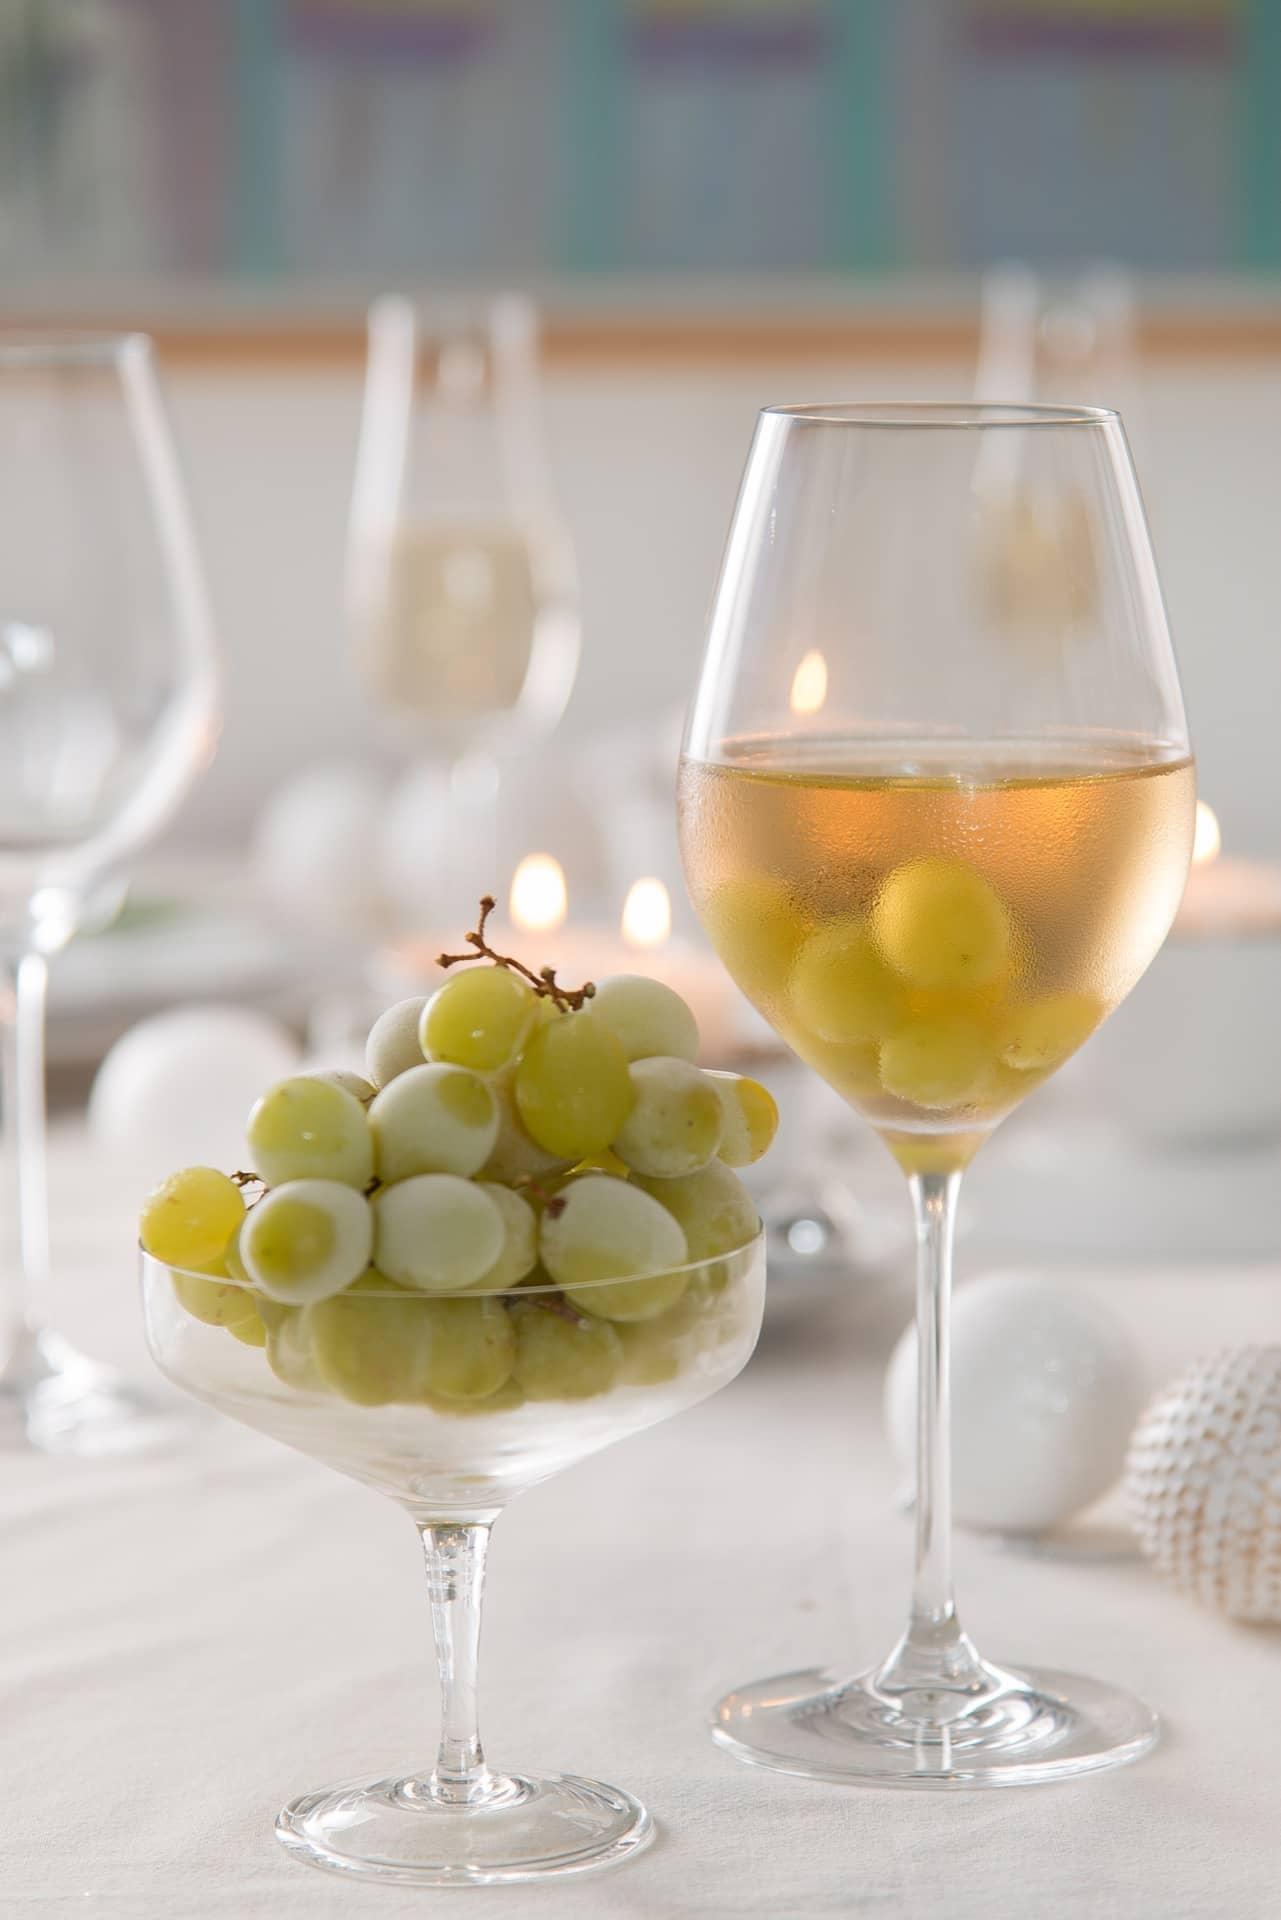 Imagem: Deixe as uvas no freezer, na hora de servir a bebida, use-as como gelo, fica uma delícia! Taças da Oxford Crystal. Foto: Cacá Bratke.